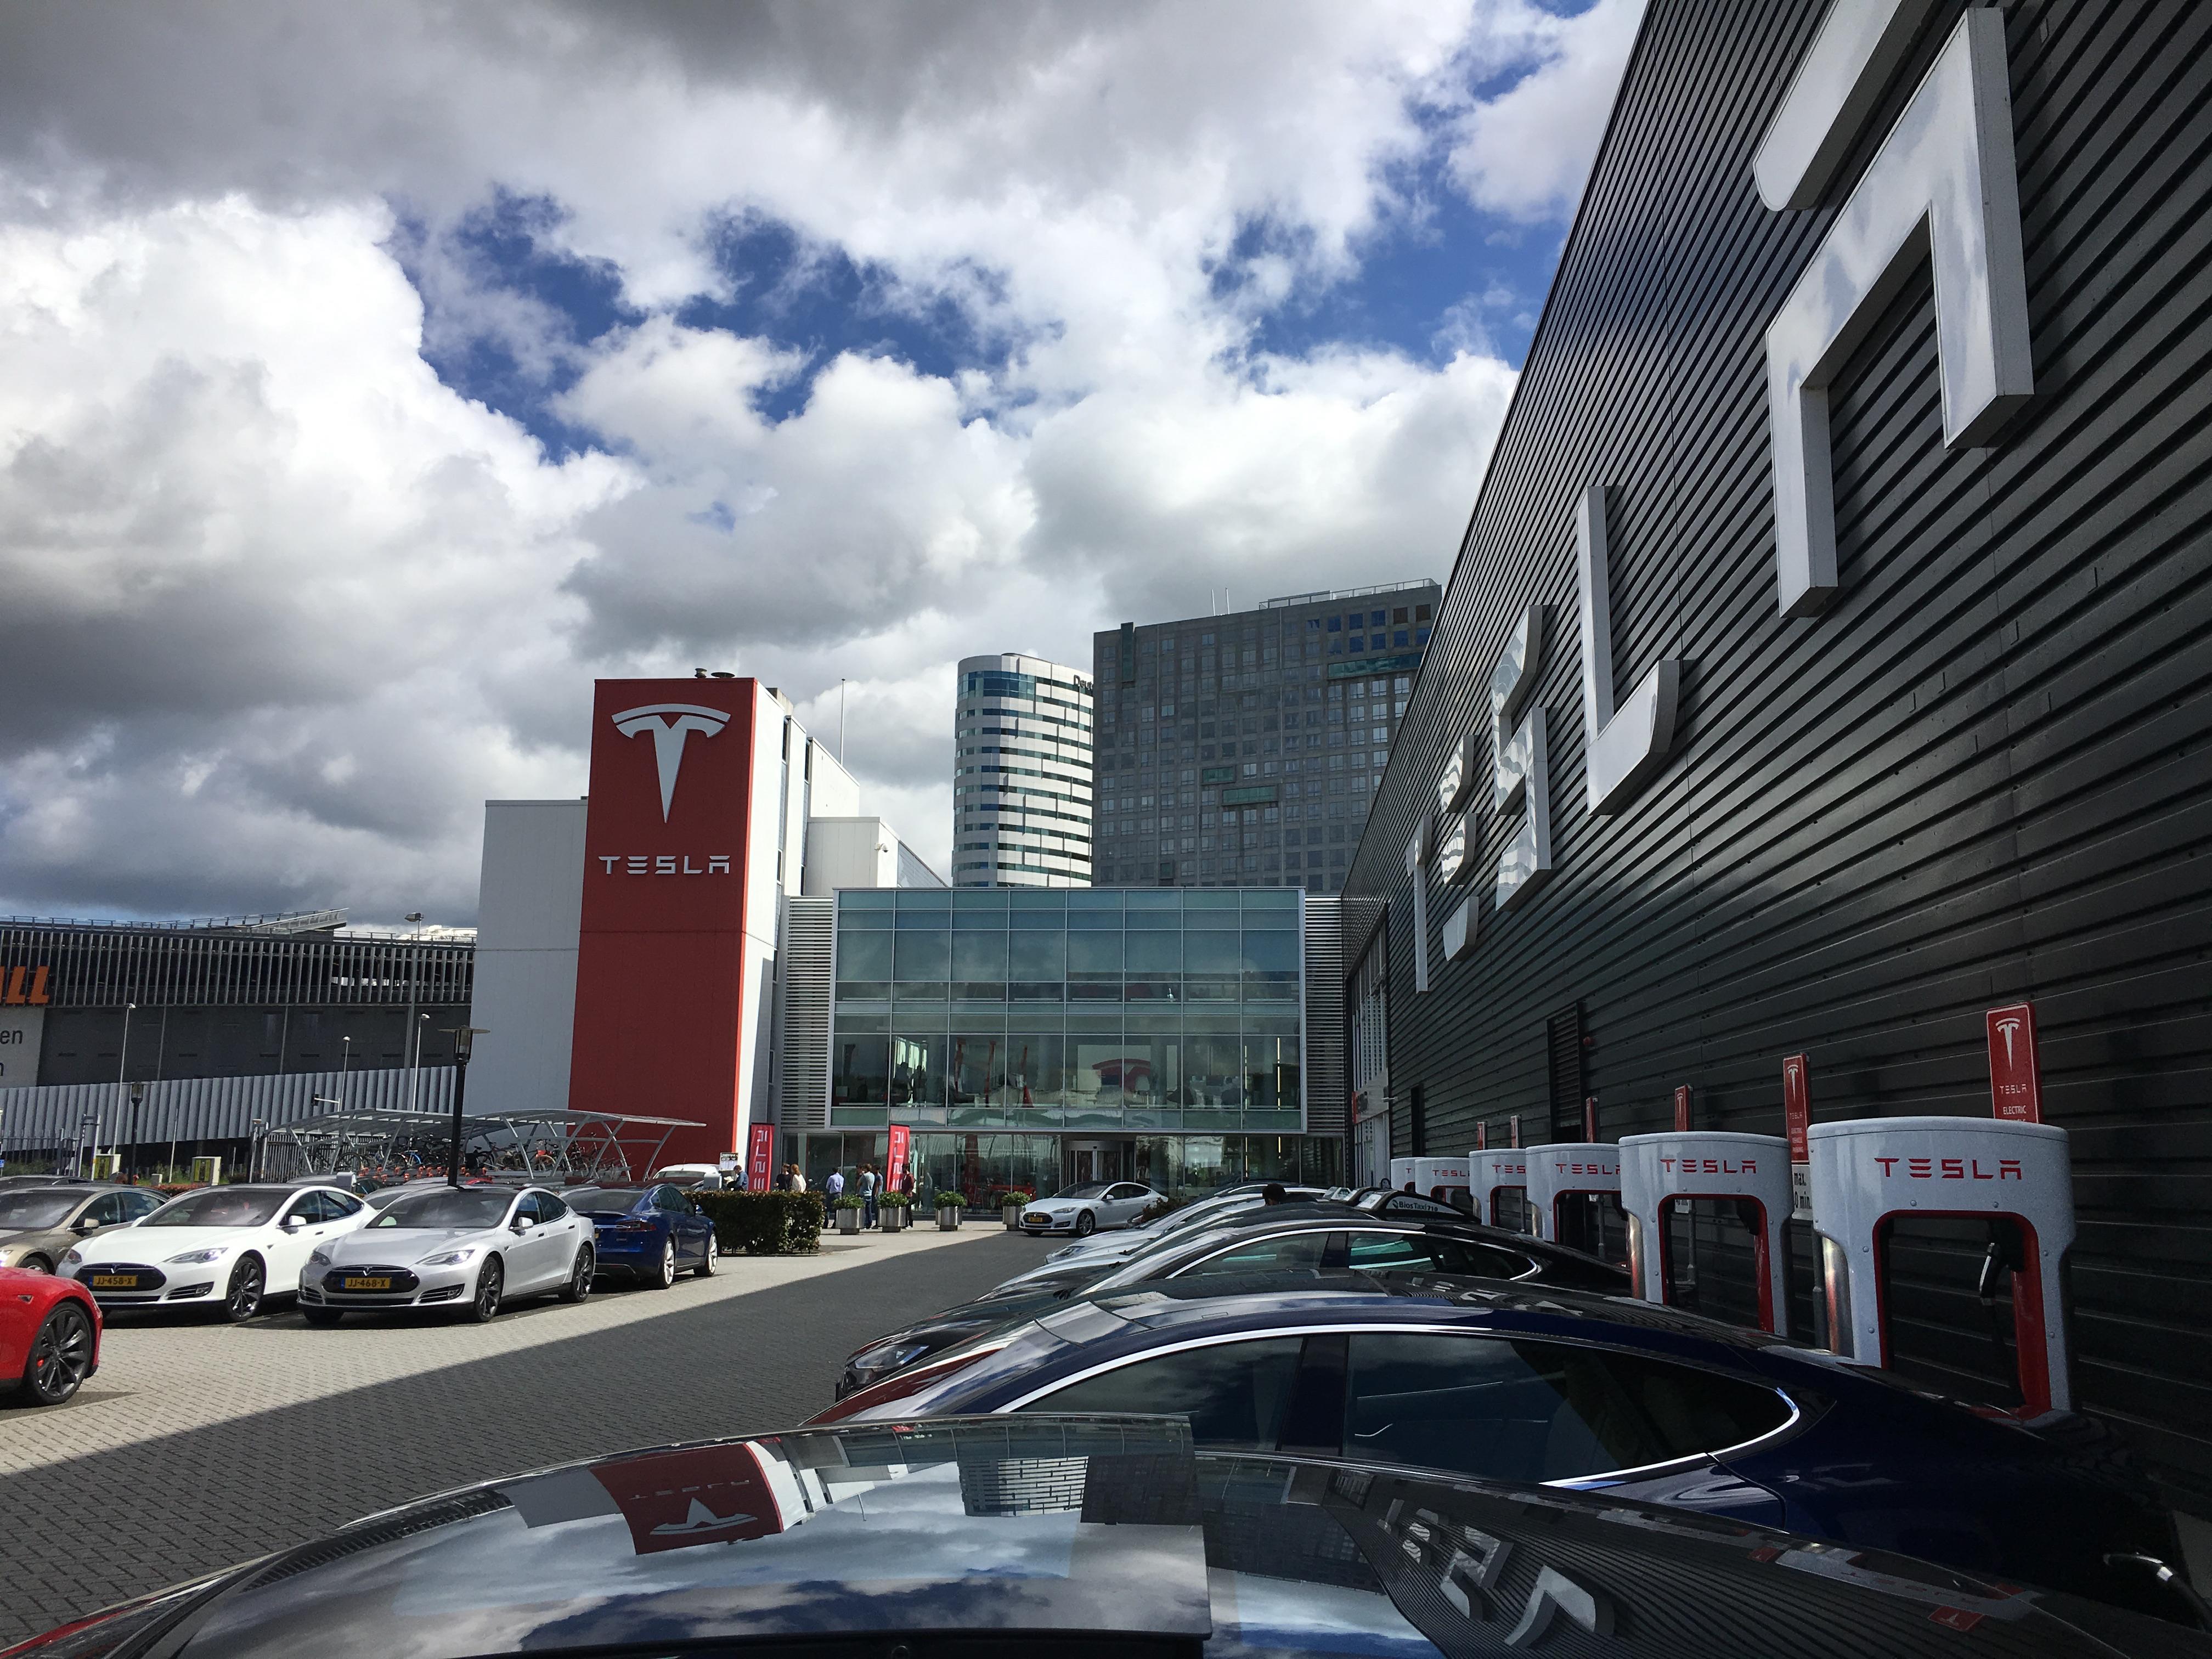 Zum angedachten Börsenabgang von Tesla